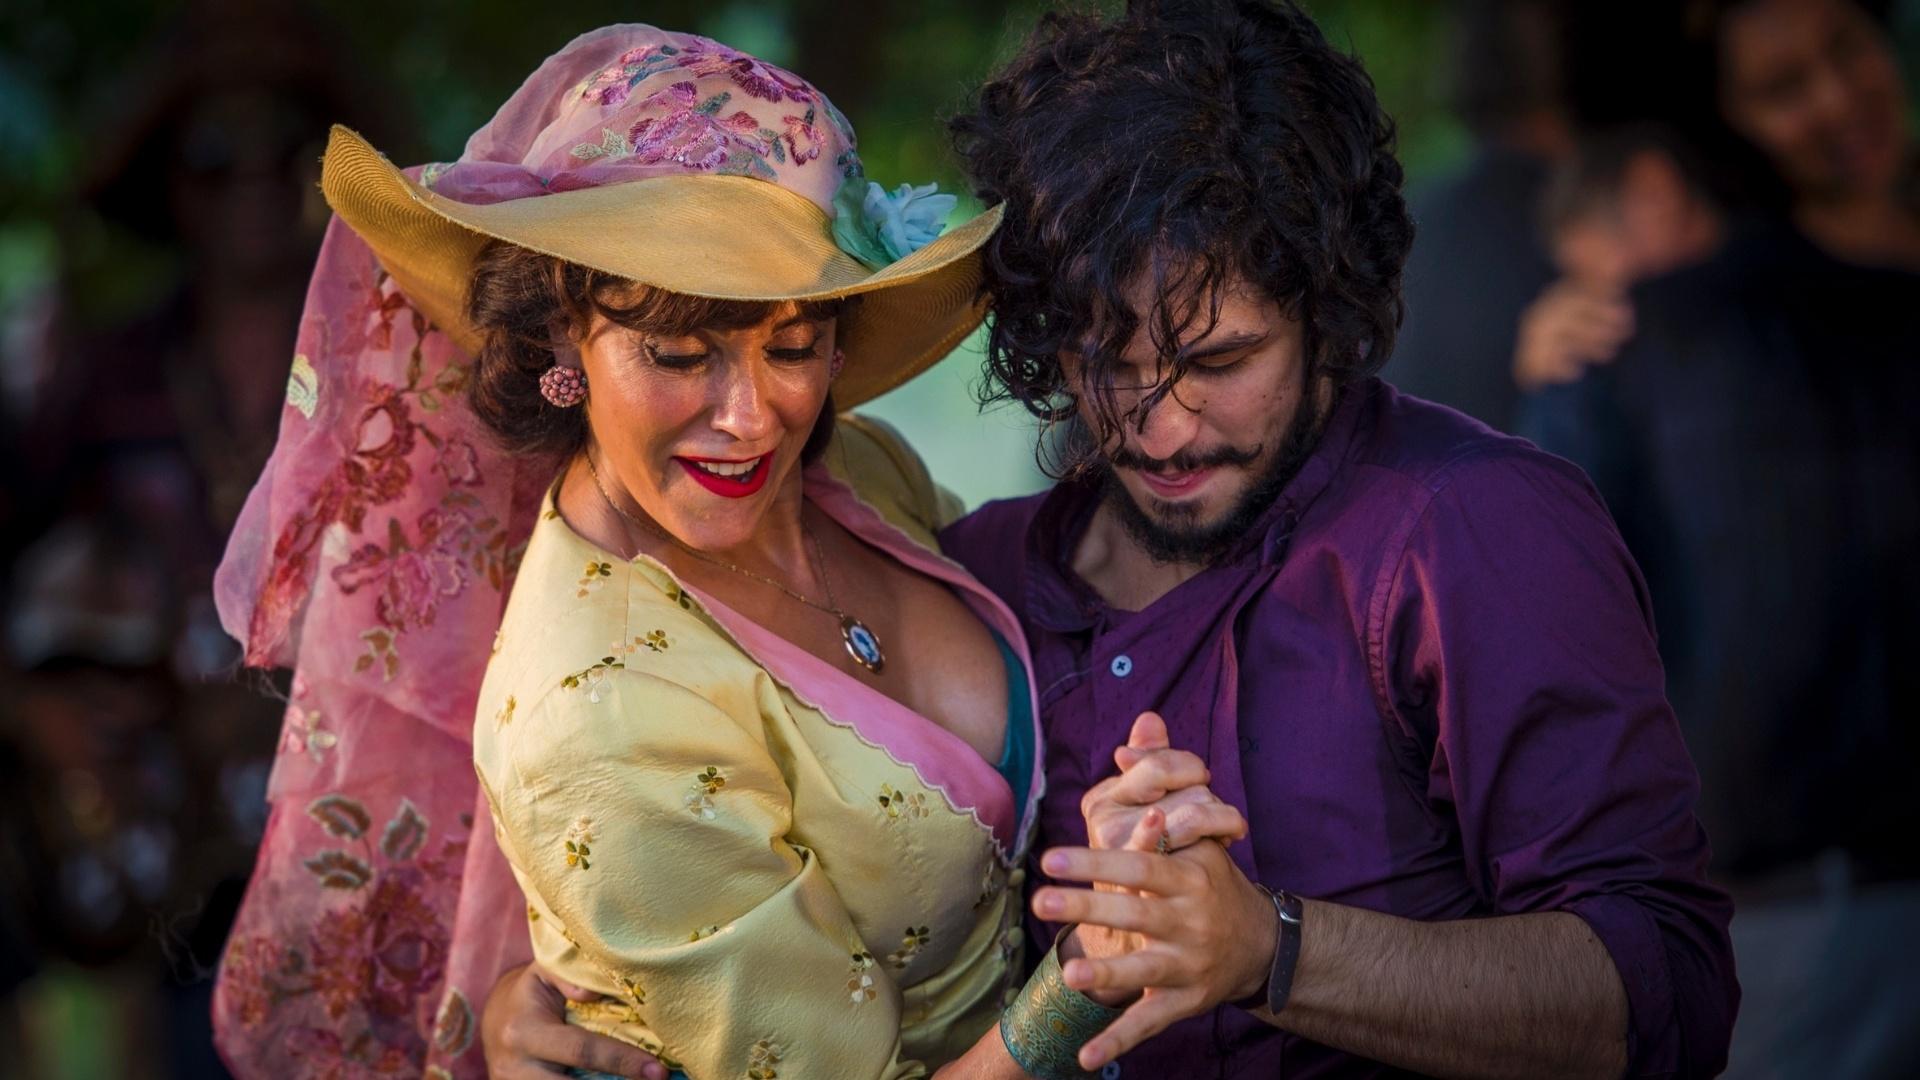 29.abr.2016 - Iolanda (Christiane Torloni) dança com Miguel (Gabriel Leone) na festa que Afrânio (Antonio Fagundes) deu para receber o neto em Grotas do São Francisco